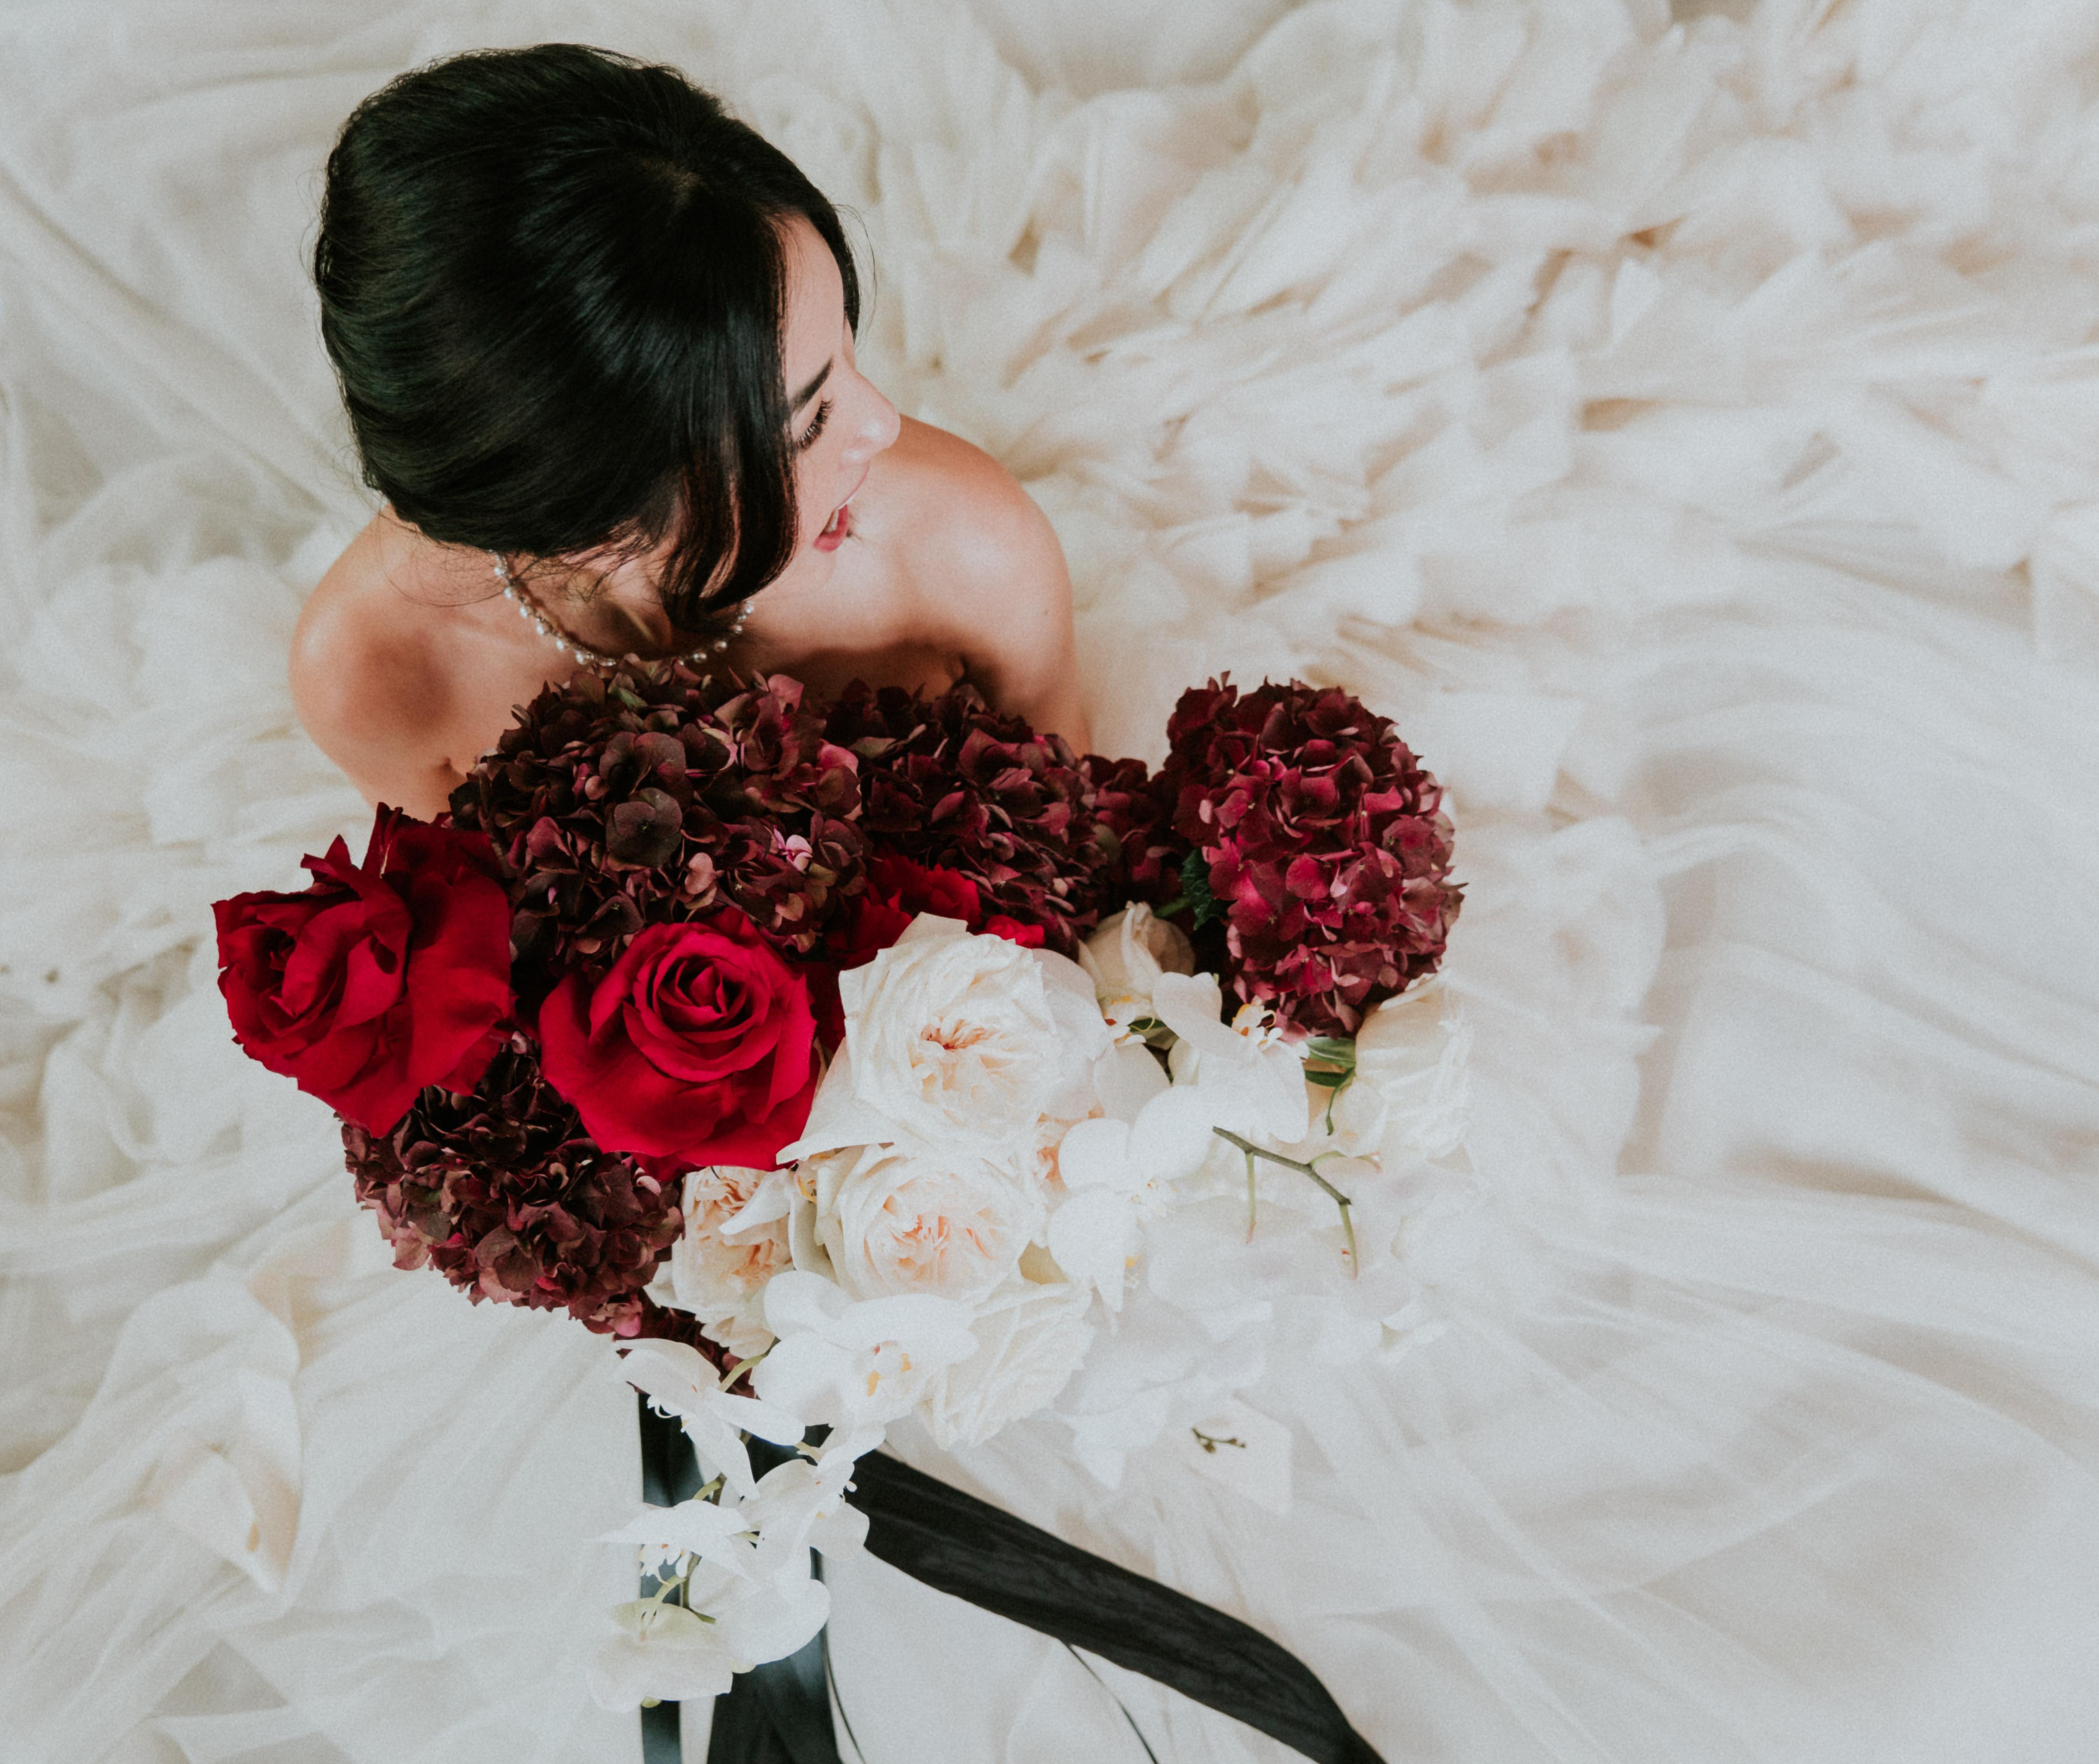 Destination wedding – internationale Gäste zur Traumhochzeit im Soho House und Hotel de Rome Berlin